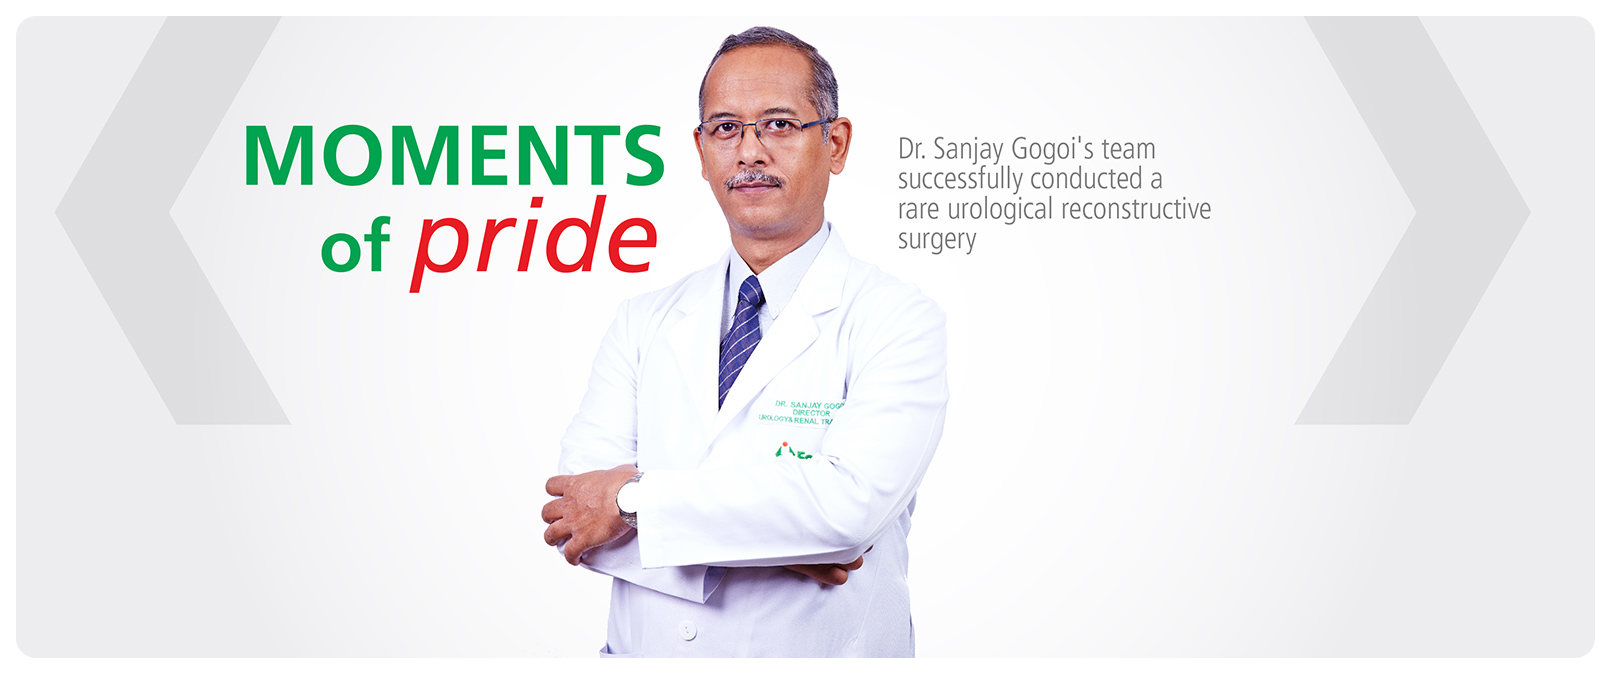 Dr Sanjay Gogoi